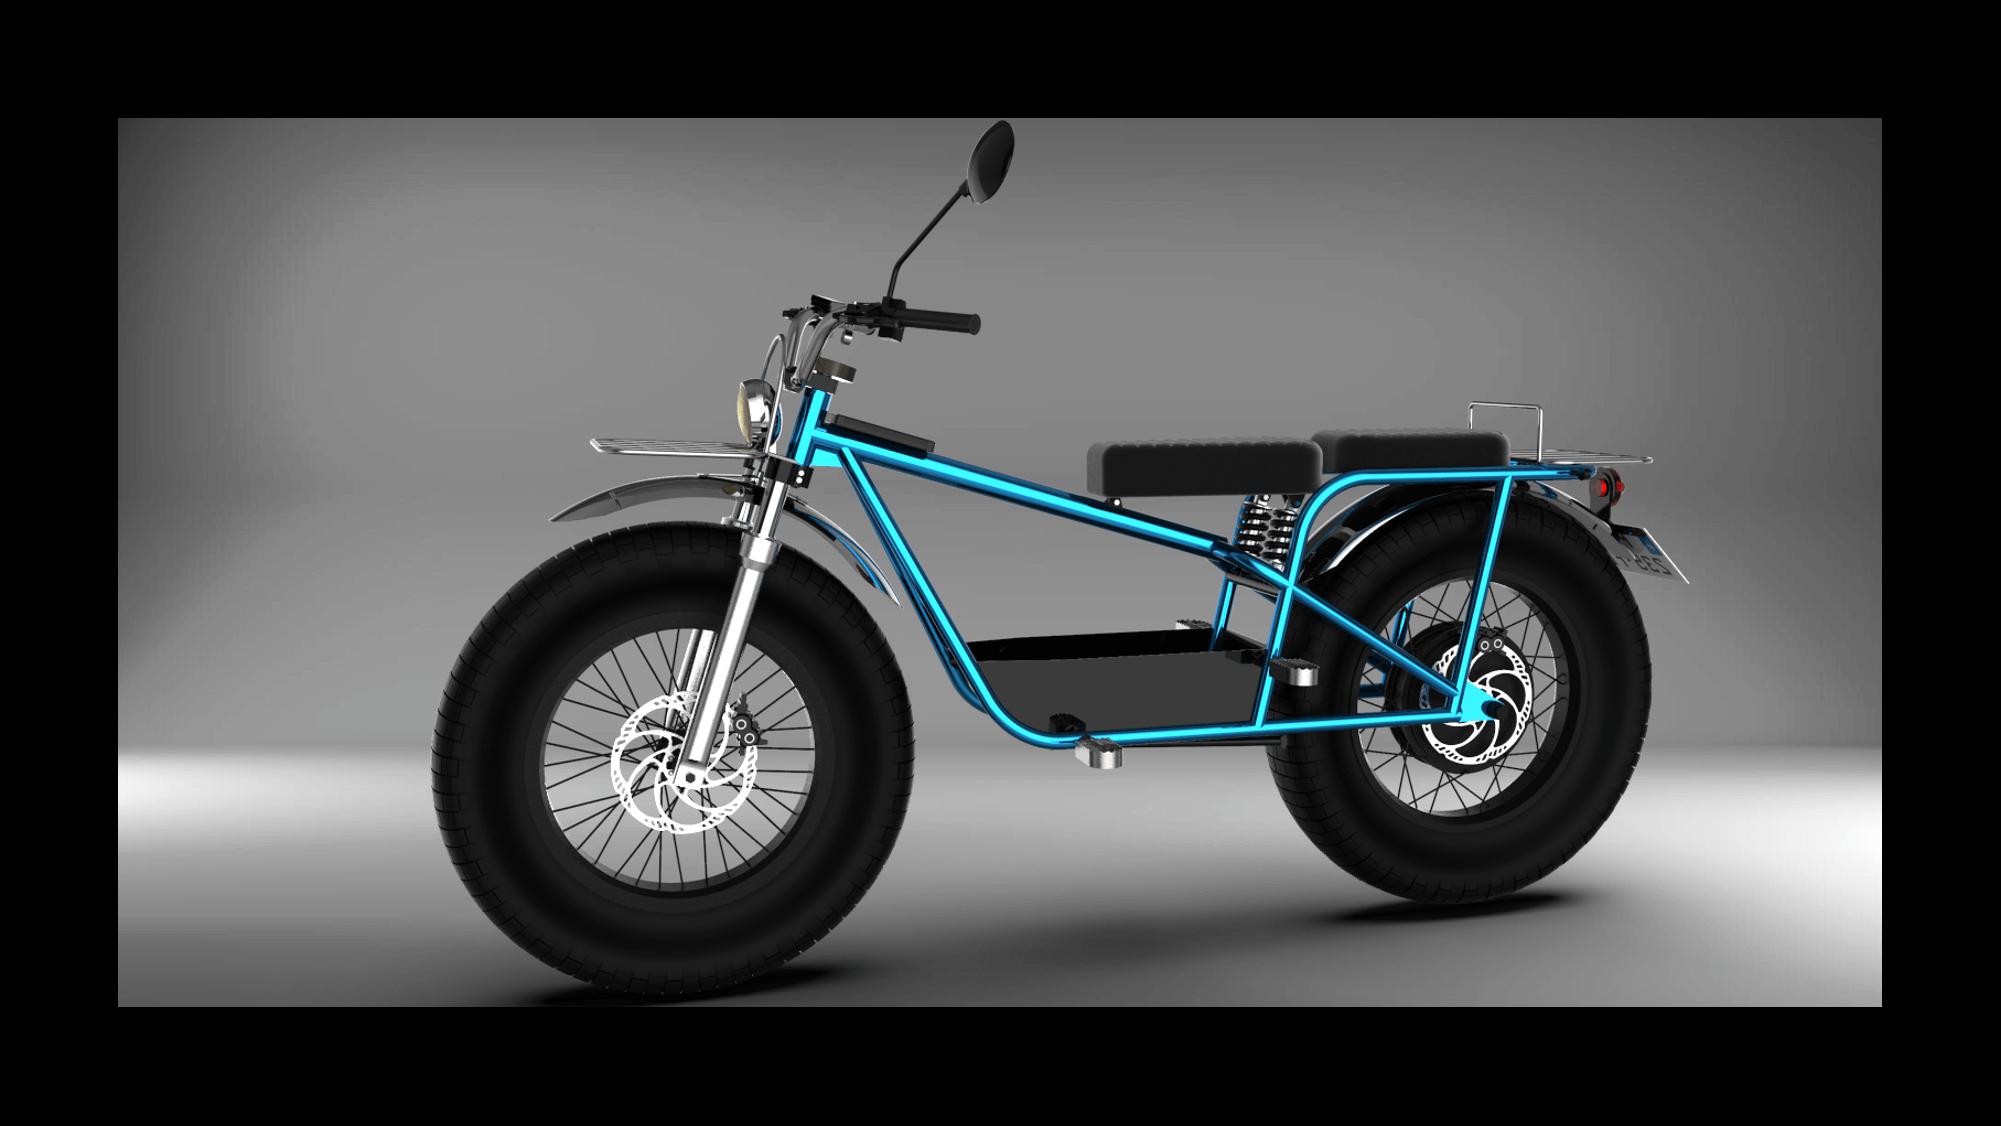 Xubaka de Sodium Cycles moto électrique 50cc